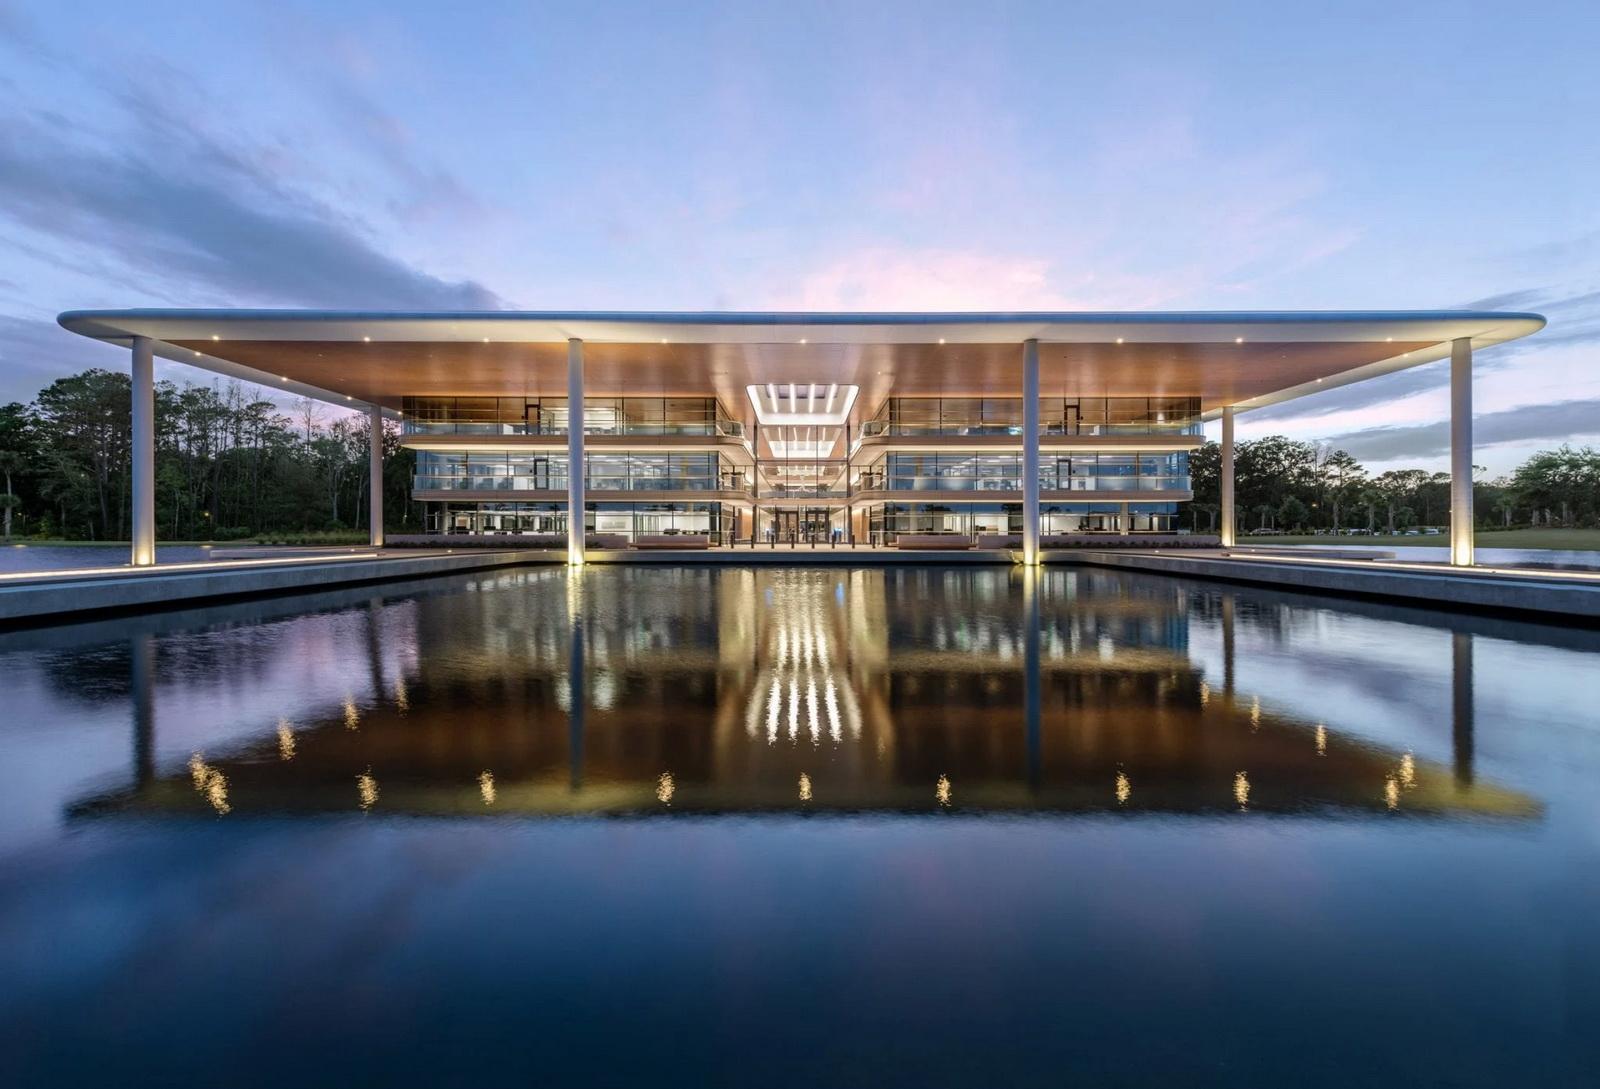 نگاهی اجمالی به پروژه ی ساختمان PGA Tour از فاستر و همکاران